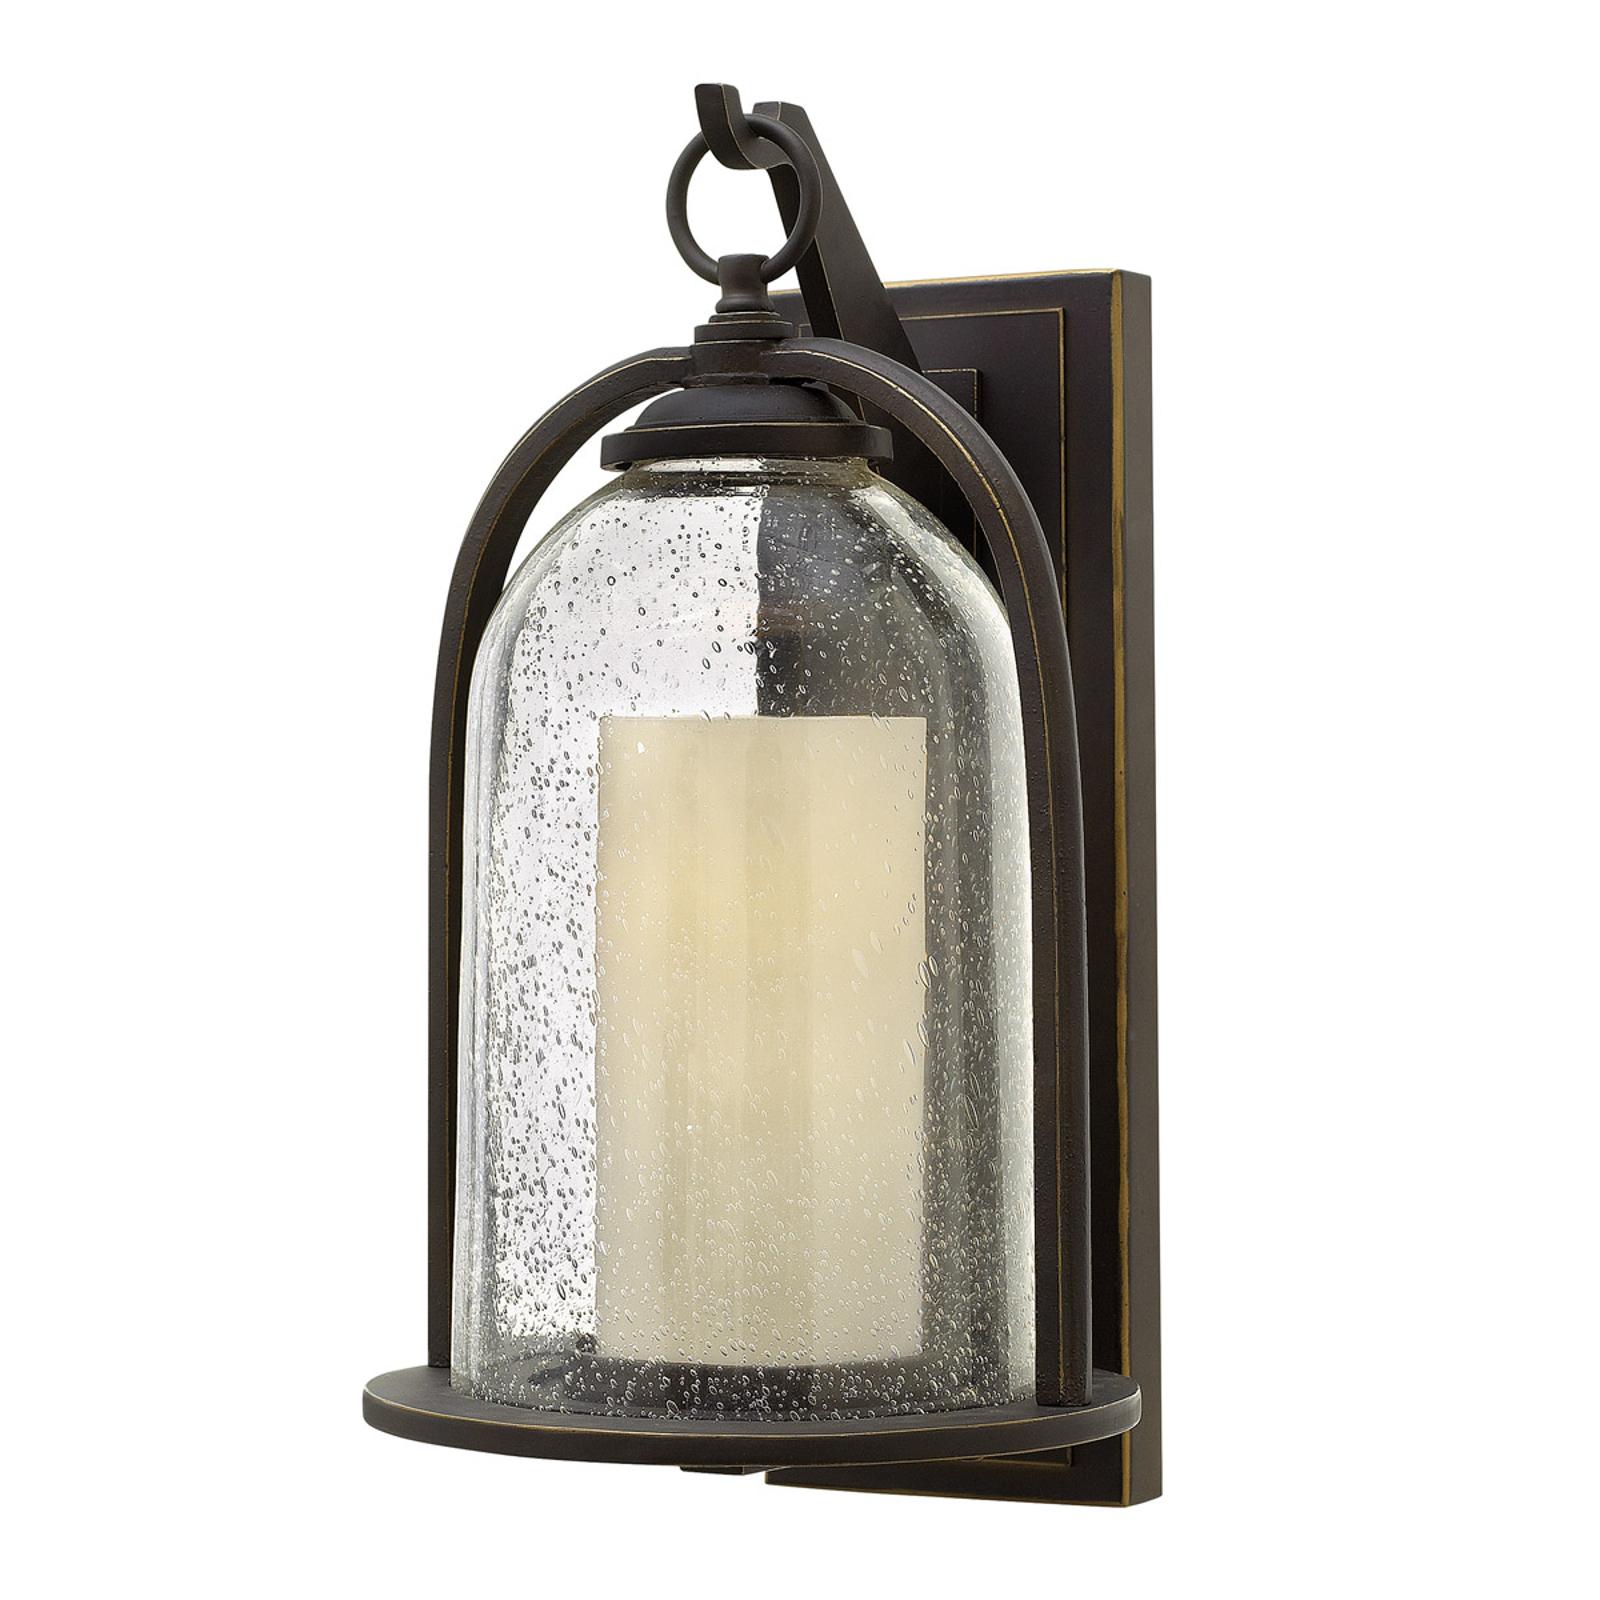 Quincy udendørs væglampe, landlig rustik